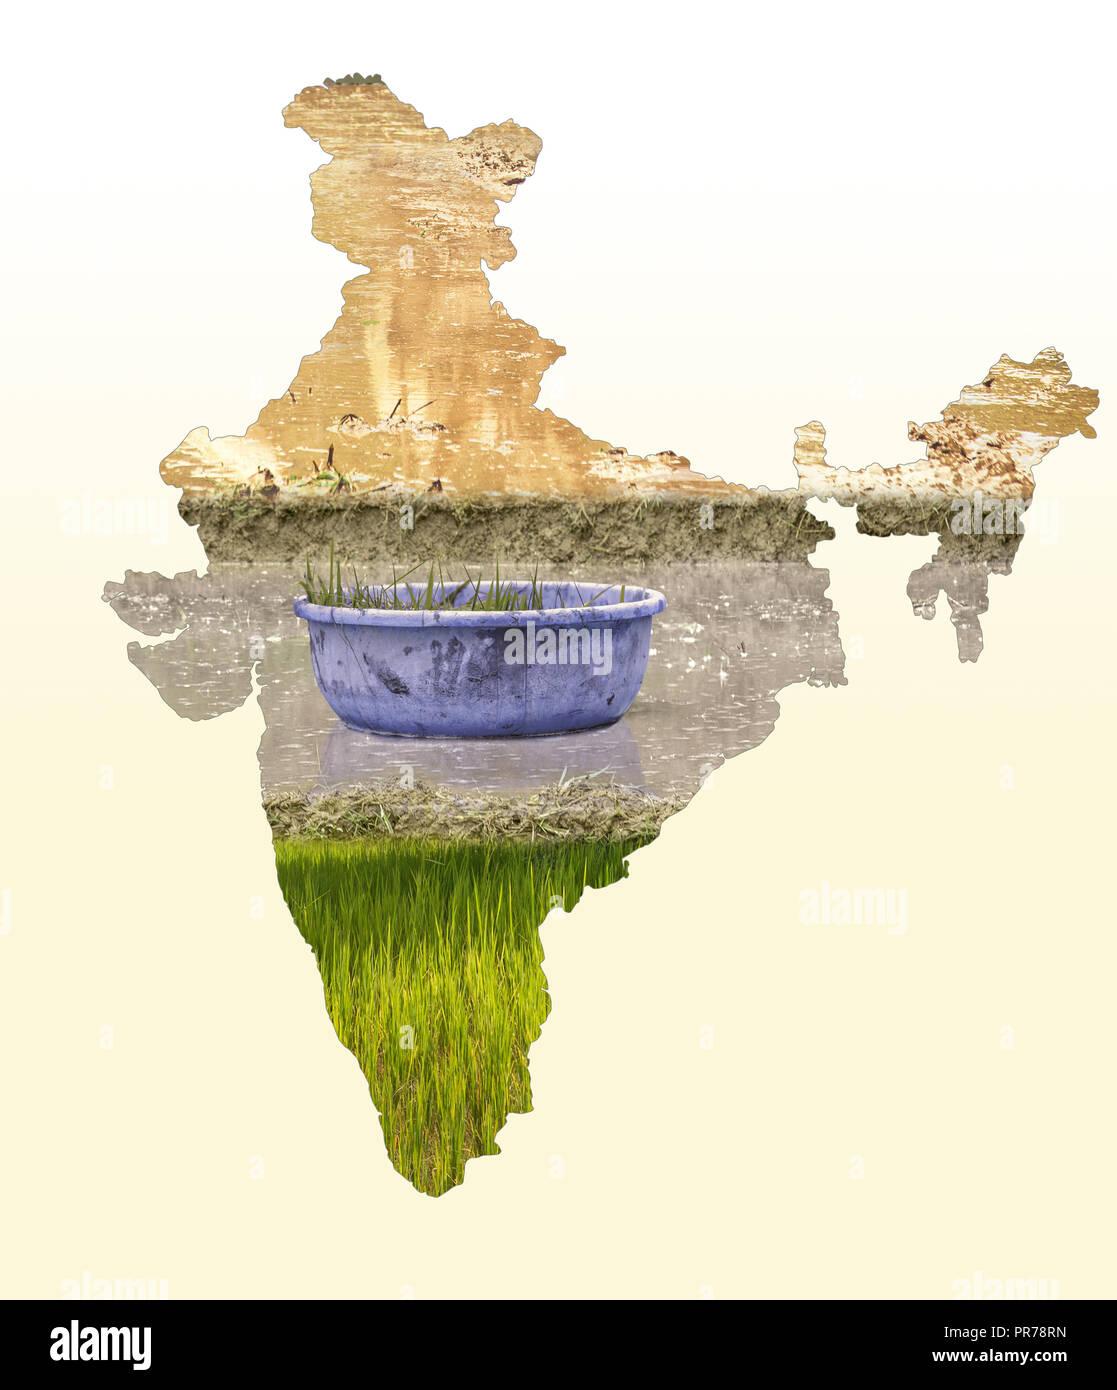 Carte Inde Agriculture.Carte De L Inde Dans Le Domaine De L Agriculture Domaine